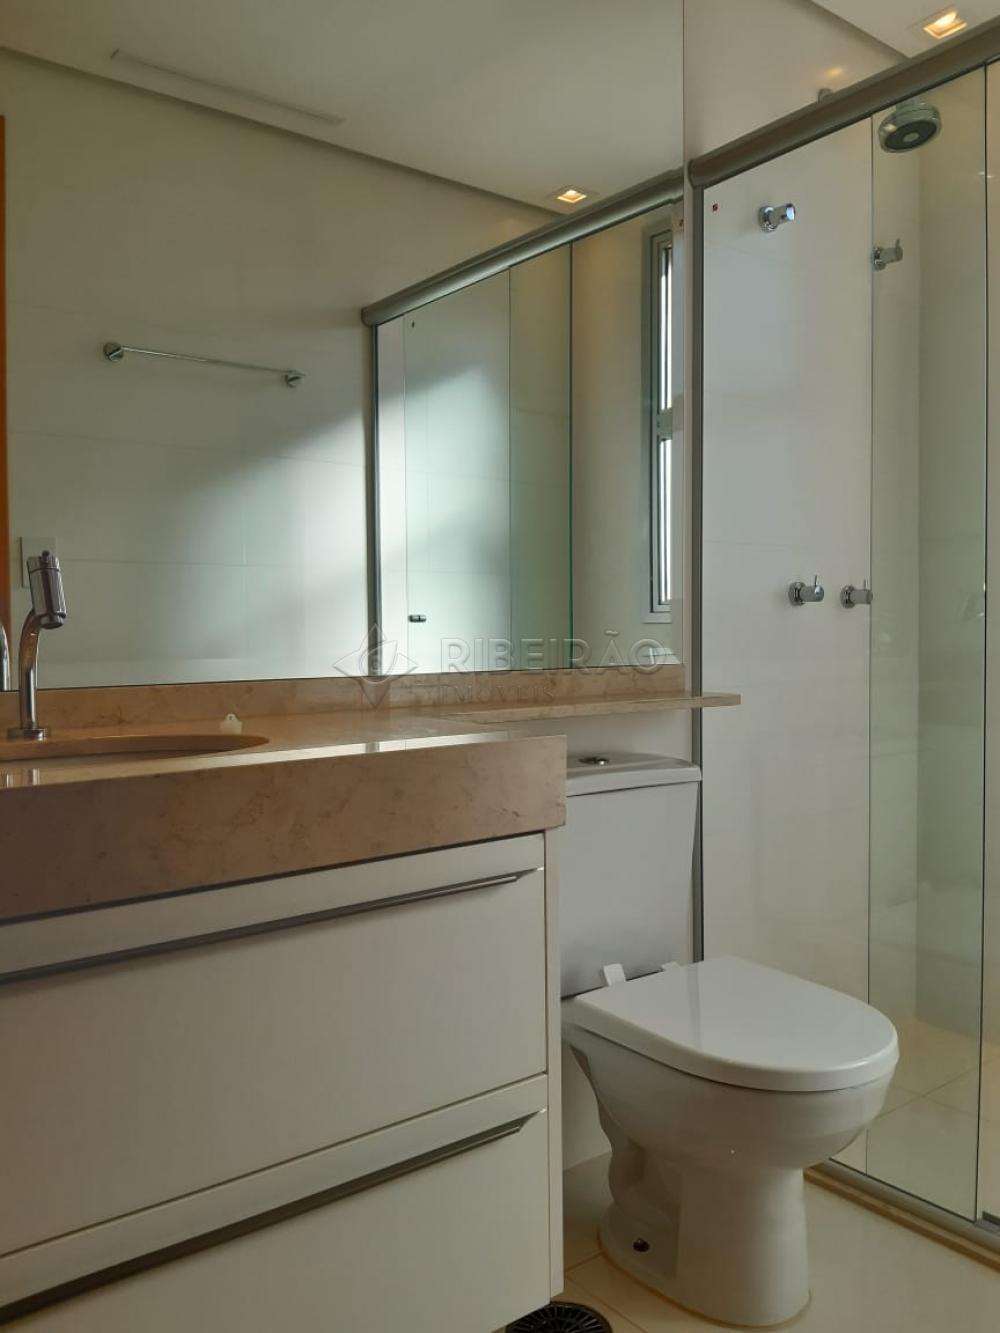 Comprar Apartamento / Cobertura em Ribeirão Preto R$ 1.900.000,00 - Foto 12